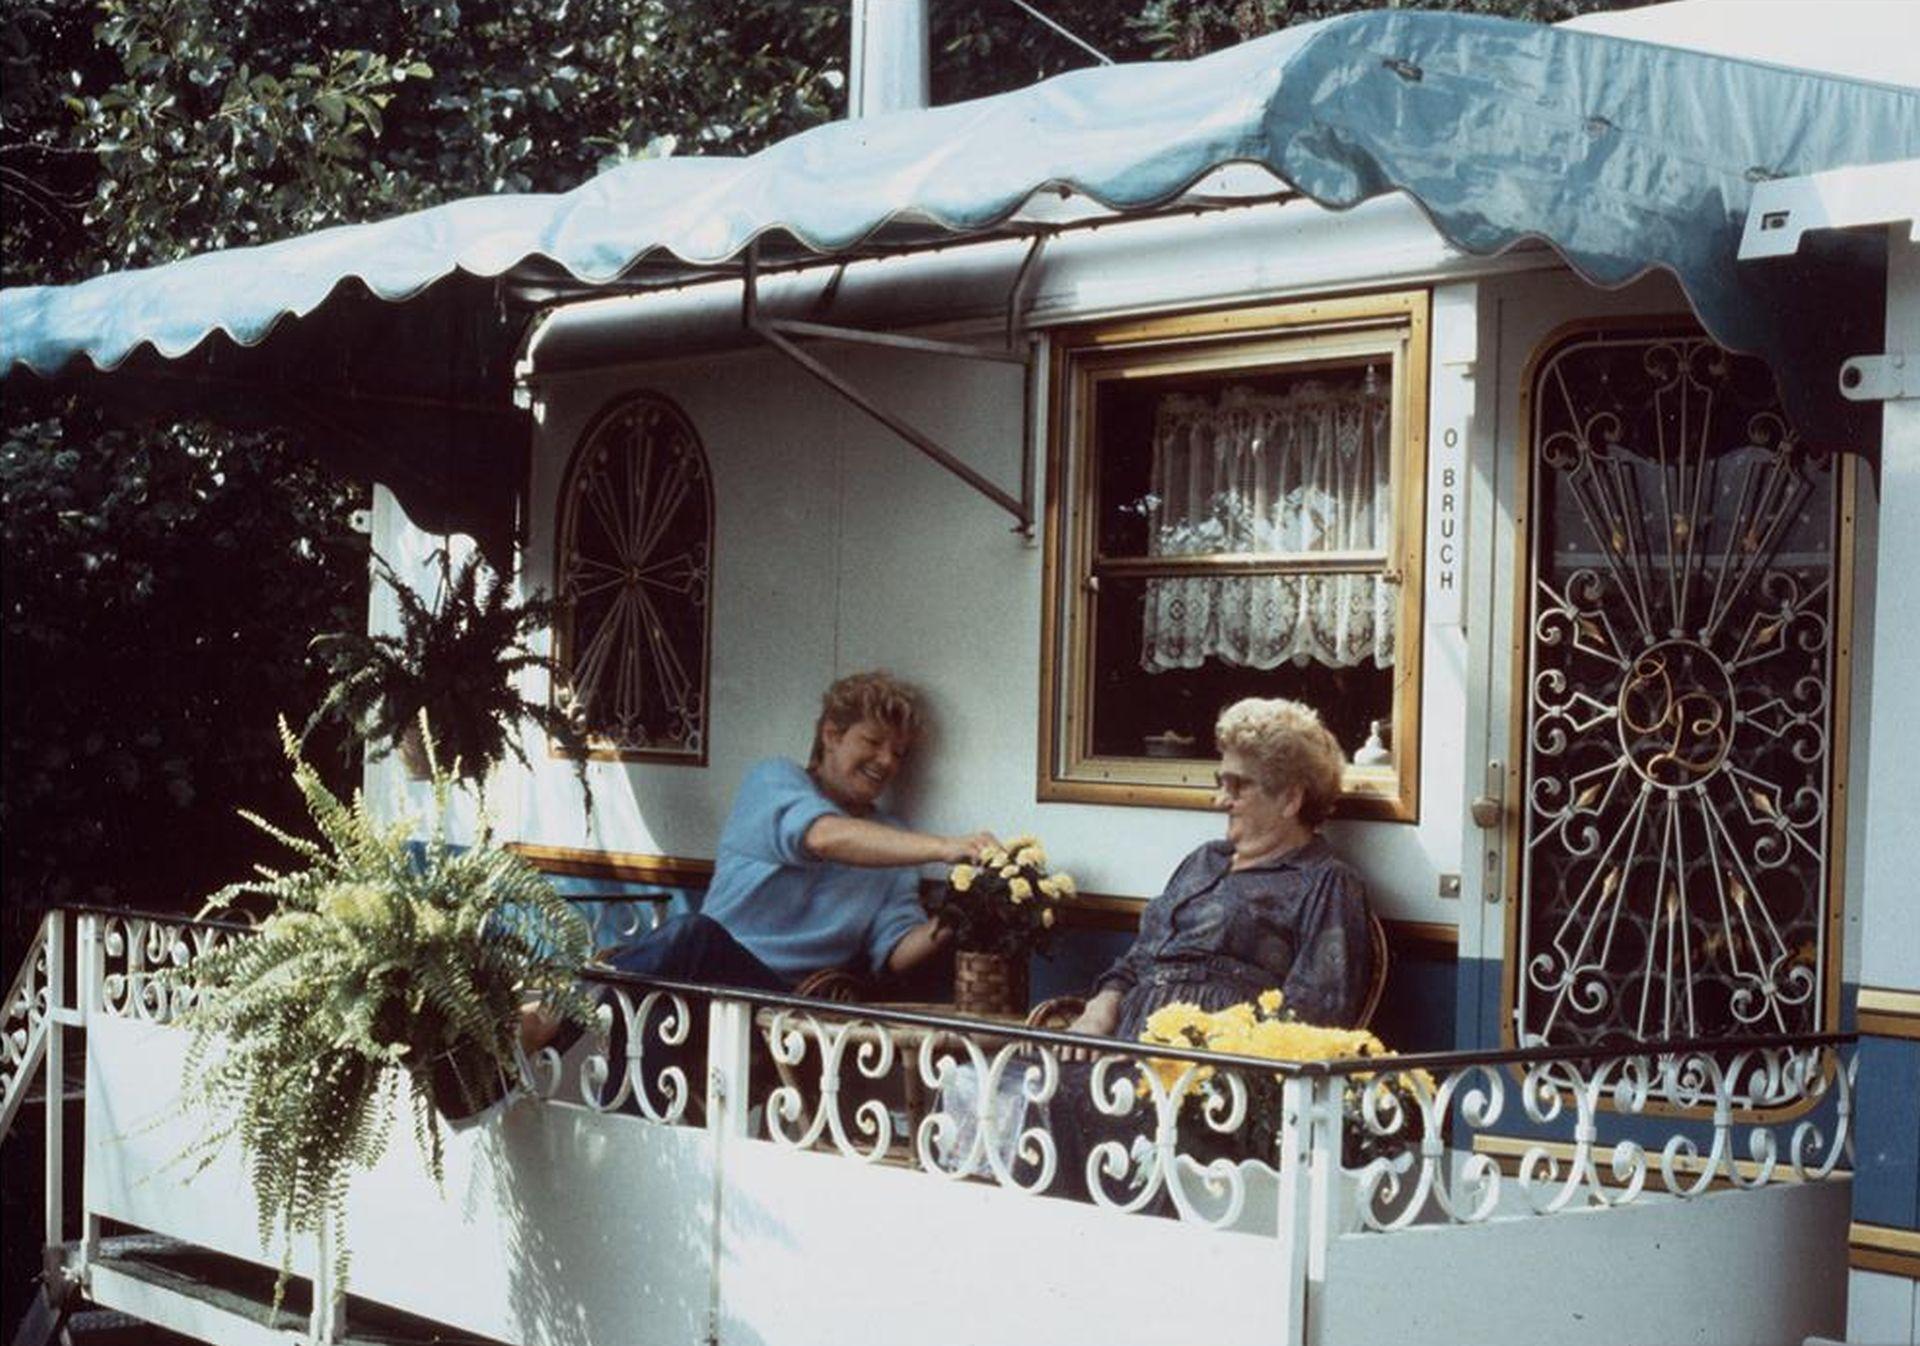 Wohnwagenidylle der Schaustellerfamilie Bruch, 1985.jpg